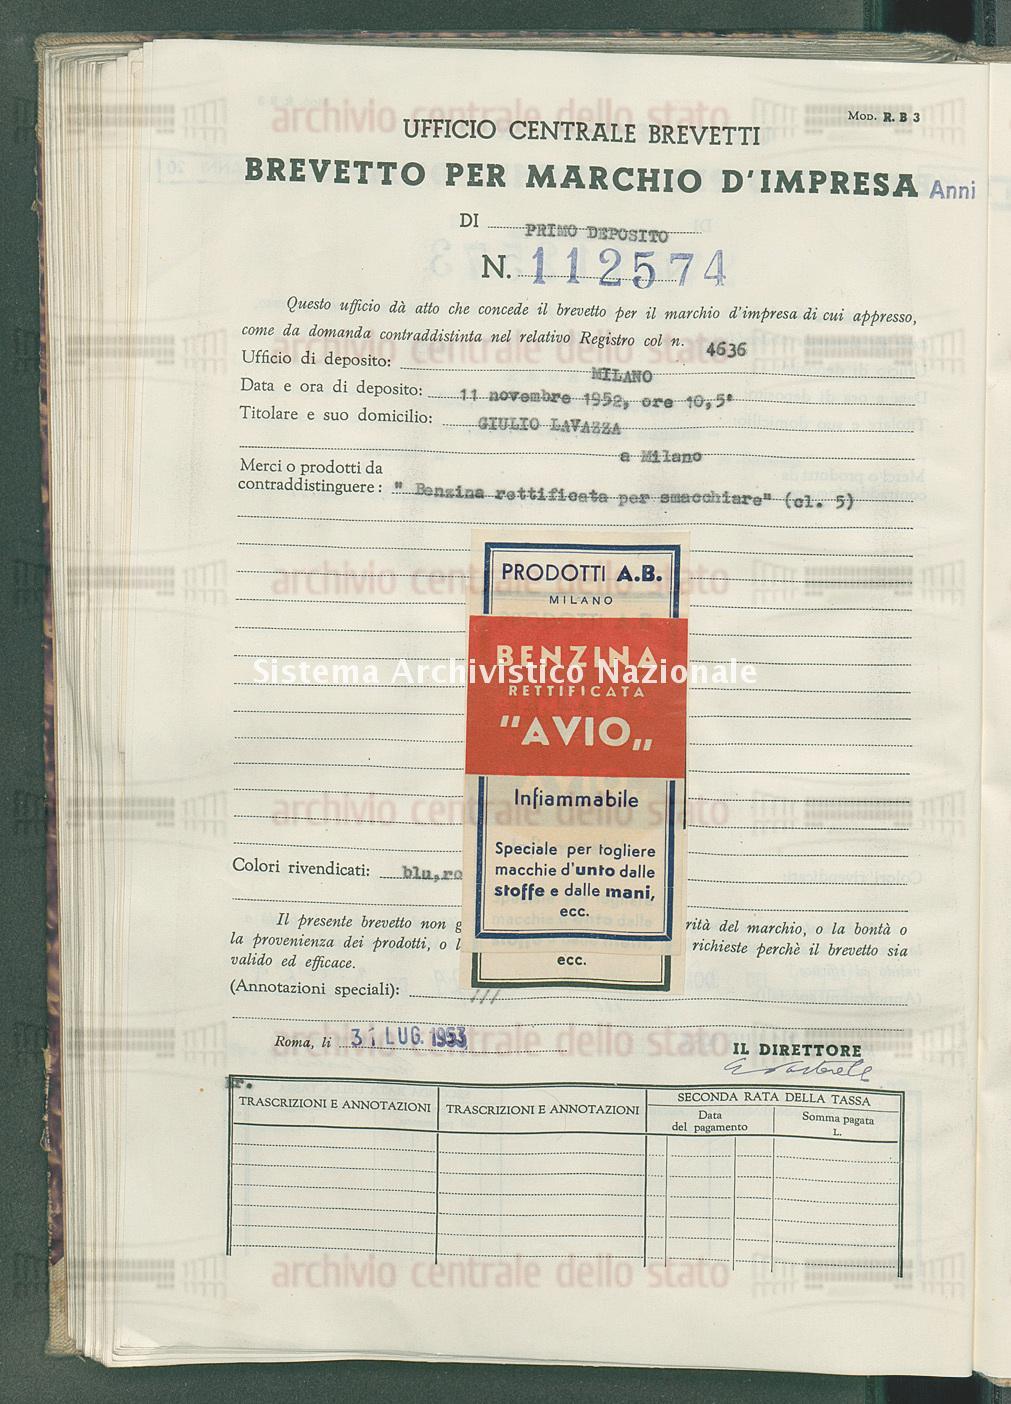 'Benzina rettificata per smacchiare' Giulio Lavazza (31/07/1953)